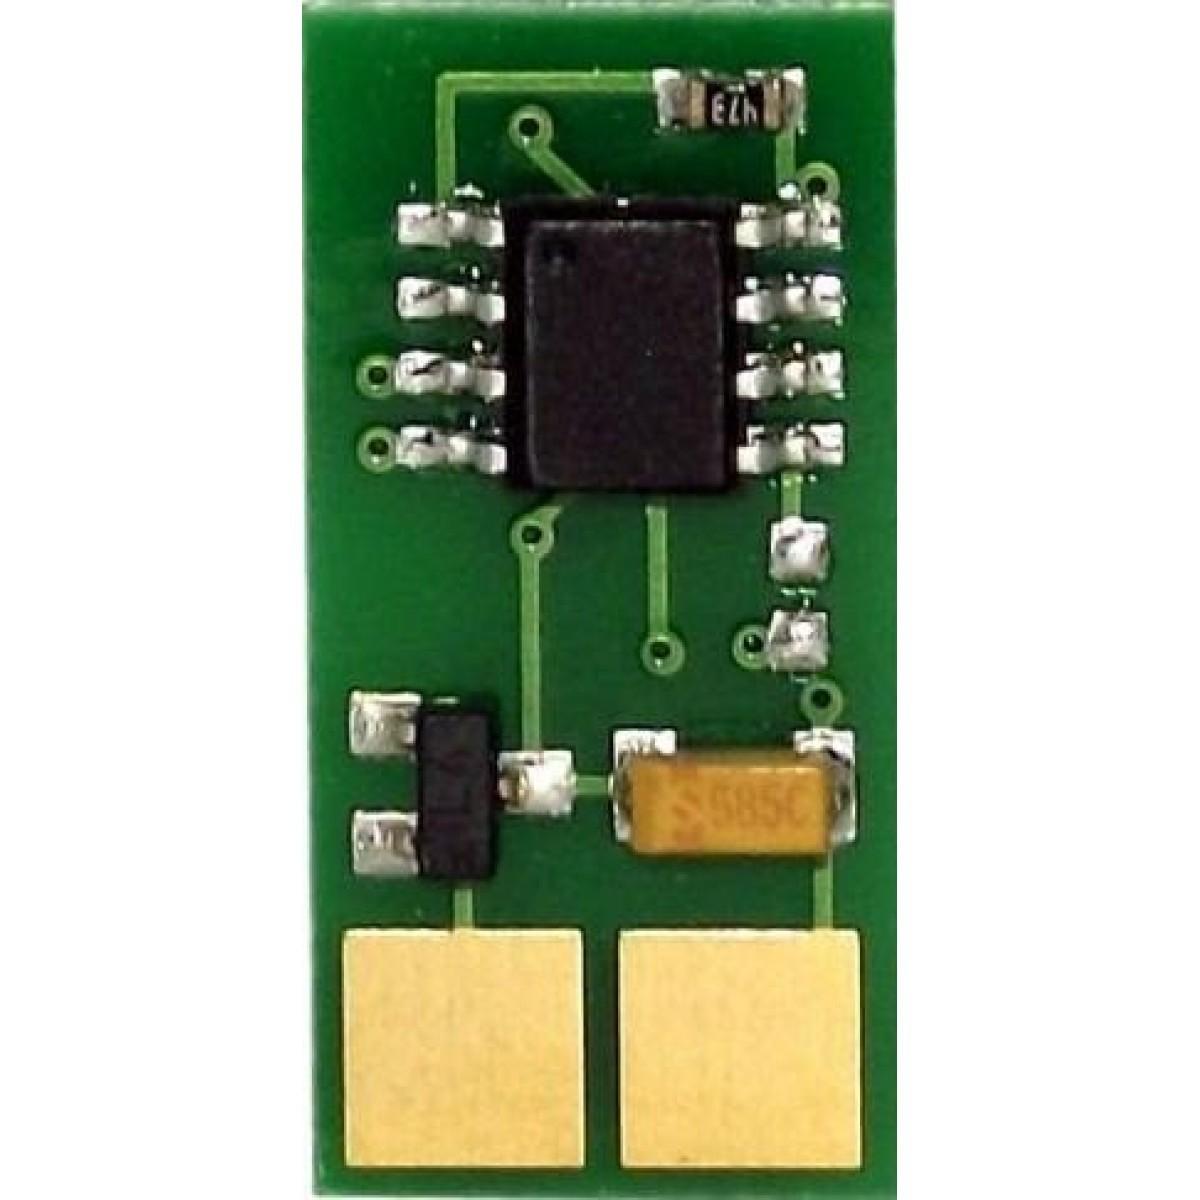 CHIP OPTRA-T 640/42/44/ (32K)